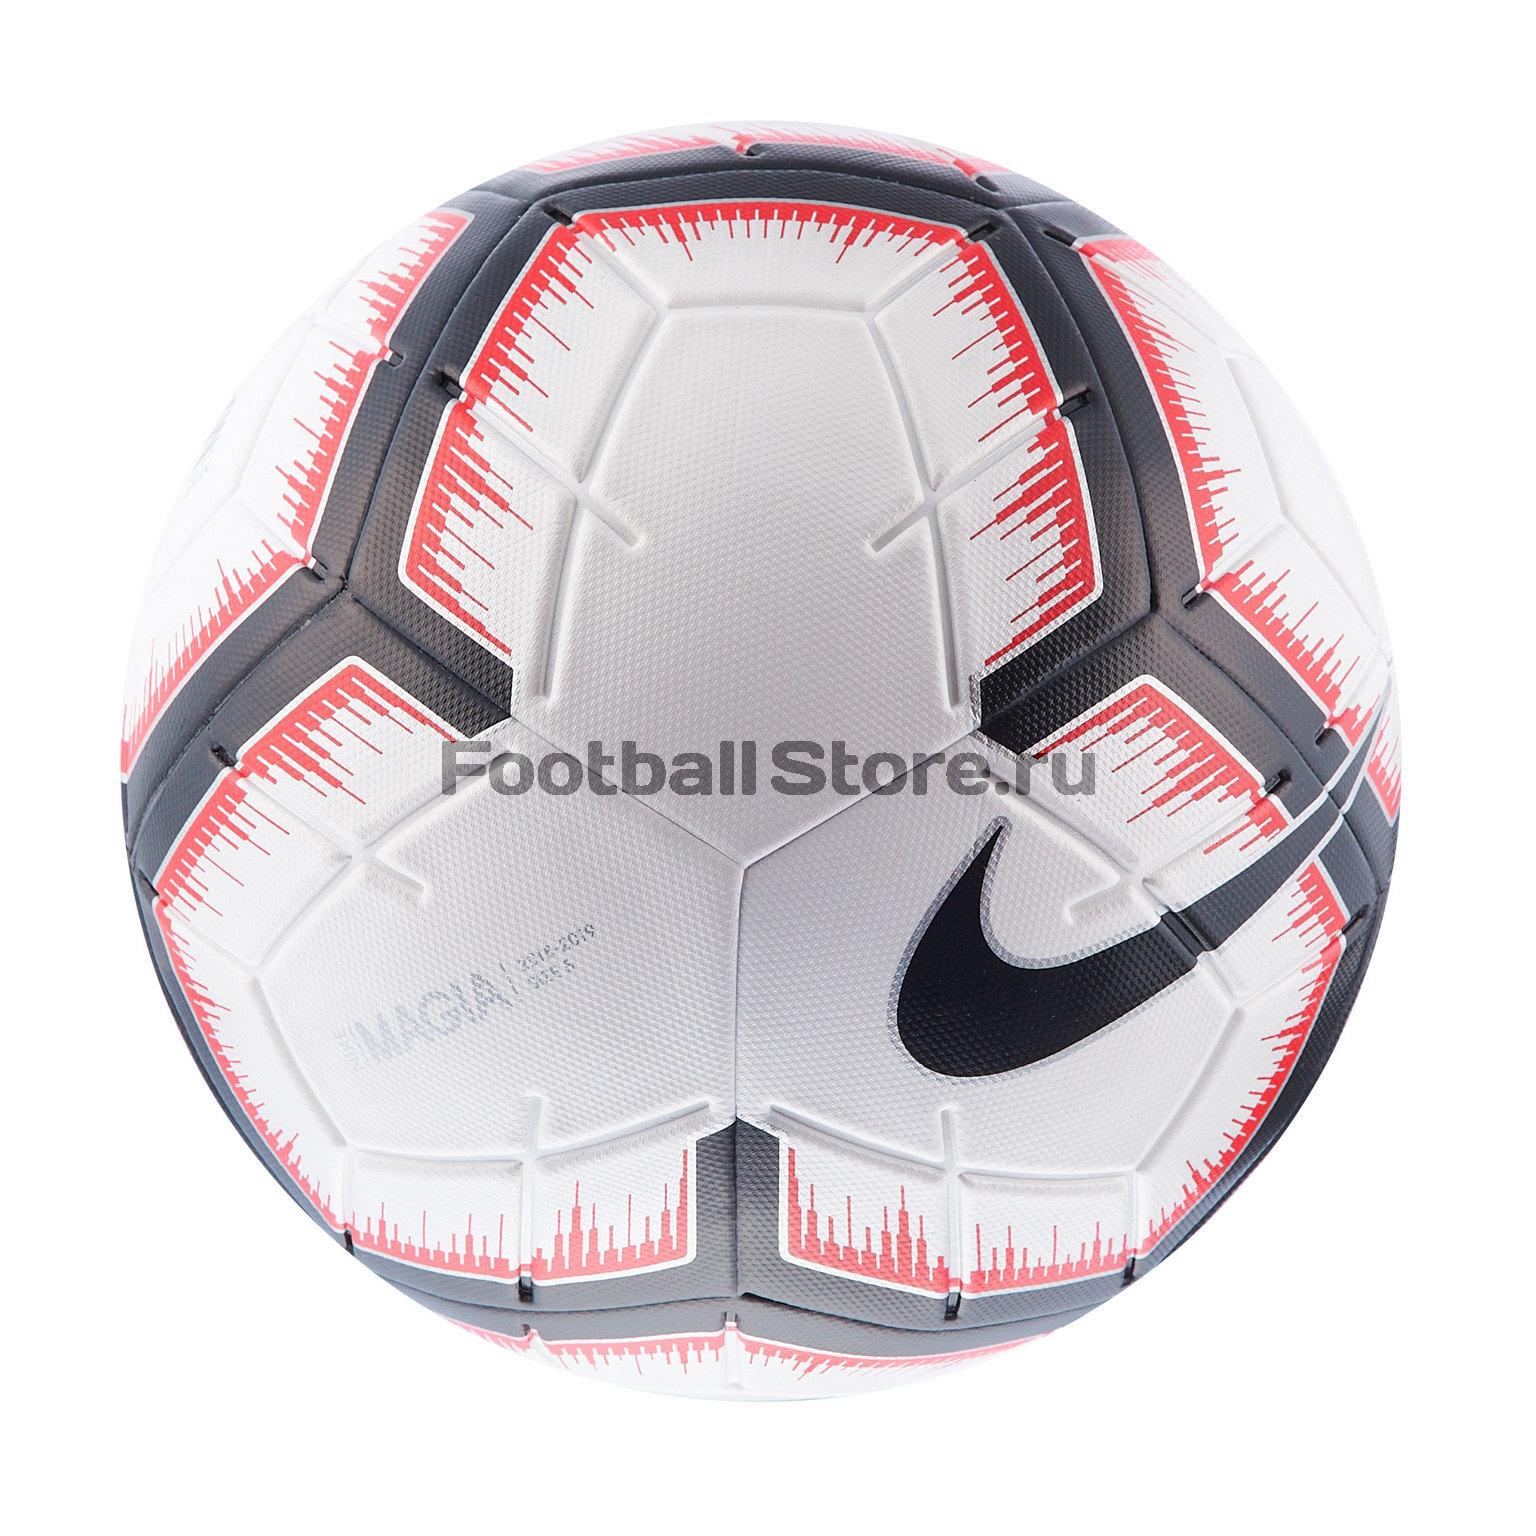 5a452421 ... Футбольный мяч Nike Magia (FIFA) SC3321-100. О ТОВАРЕ; РАСЧЕТ ДОСТАВКИ